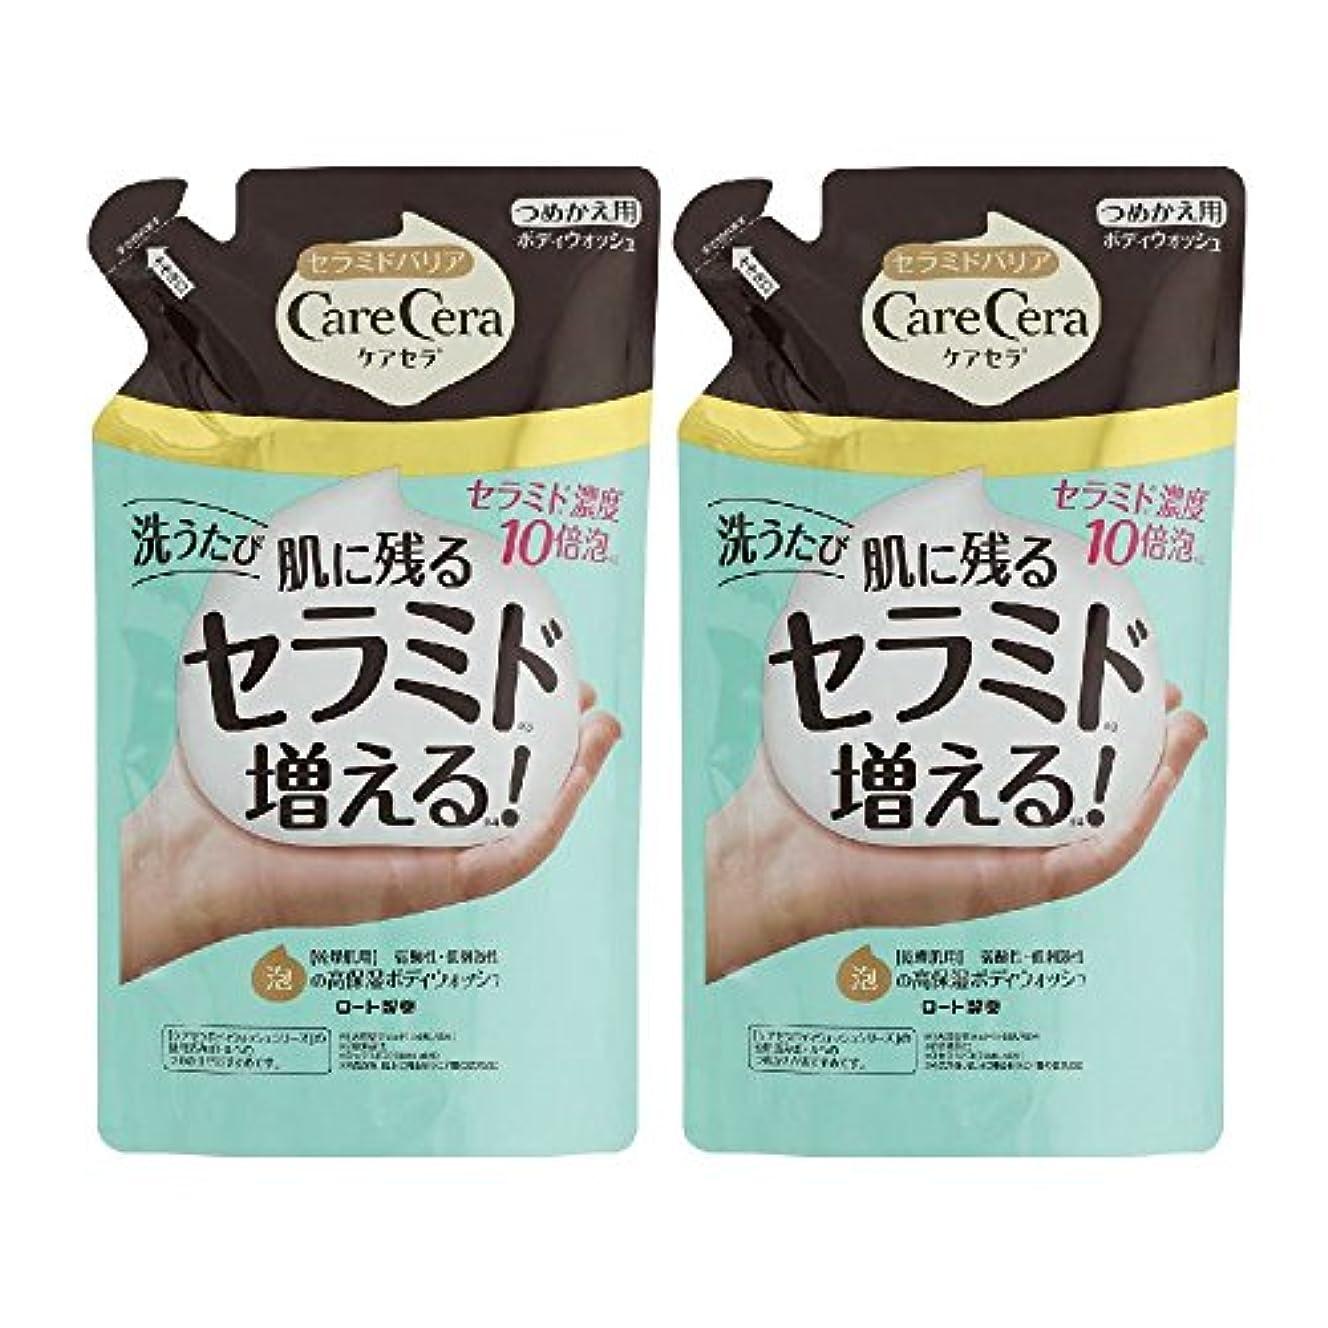 後緯度ヘルシーケアセラ (CareCera) 泡の高保湿 ボディウォッシュ ピュアフローラルの香り (つめかえ用) 350mL×2個 ※セバメドモイスチャーローション10mlサンプル付き